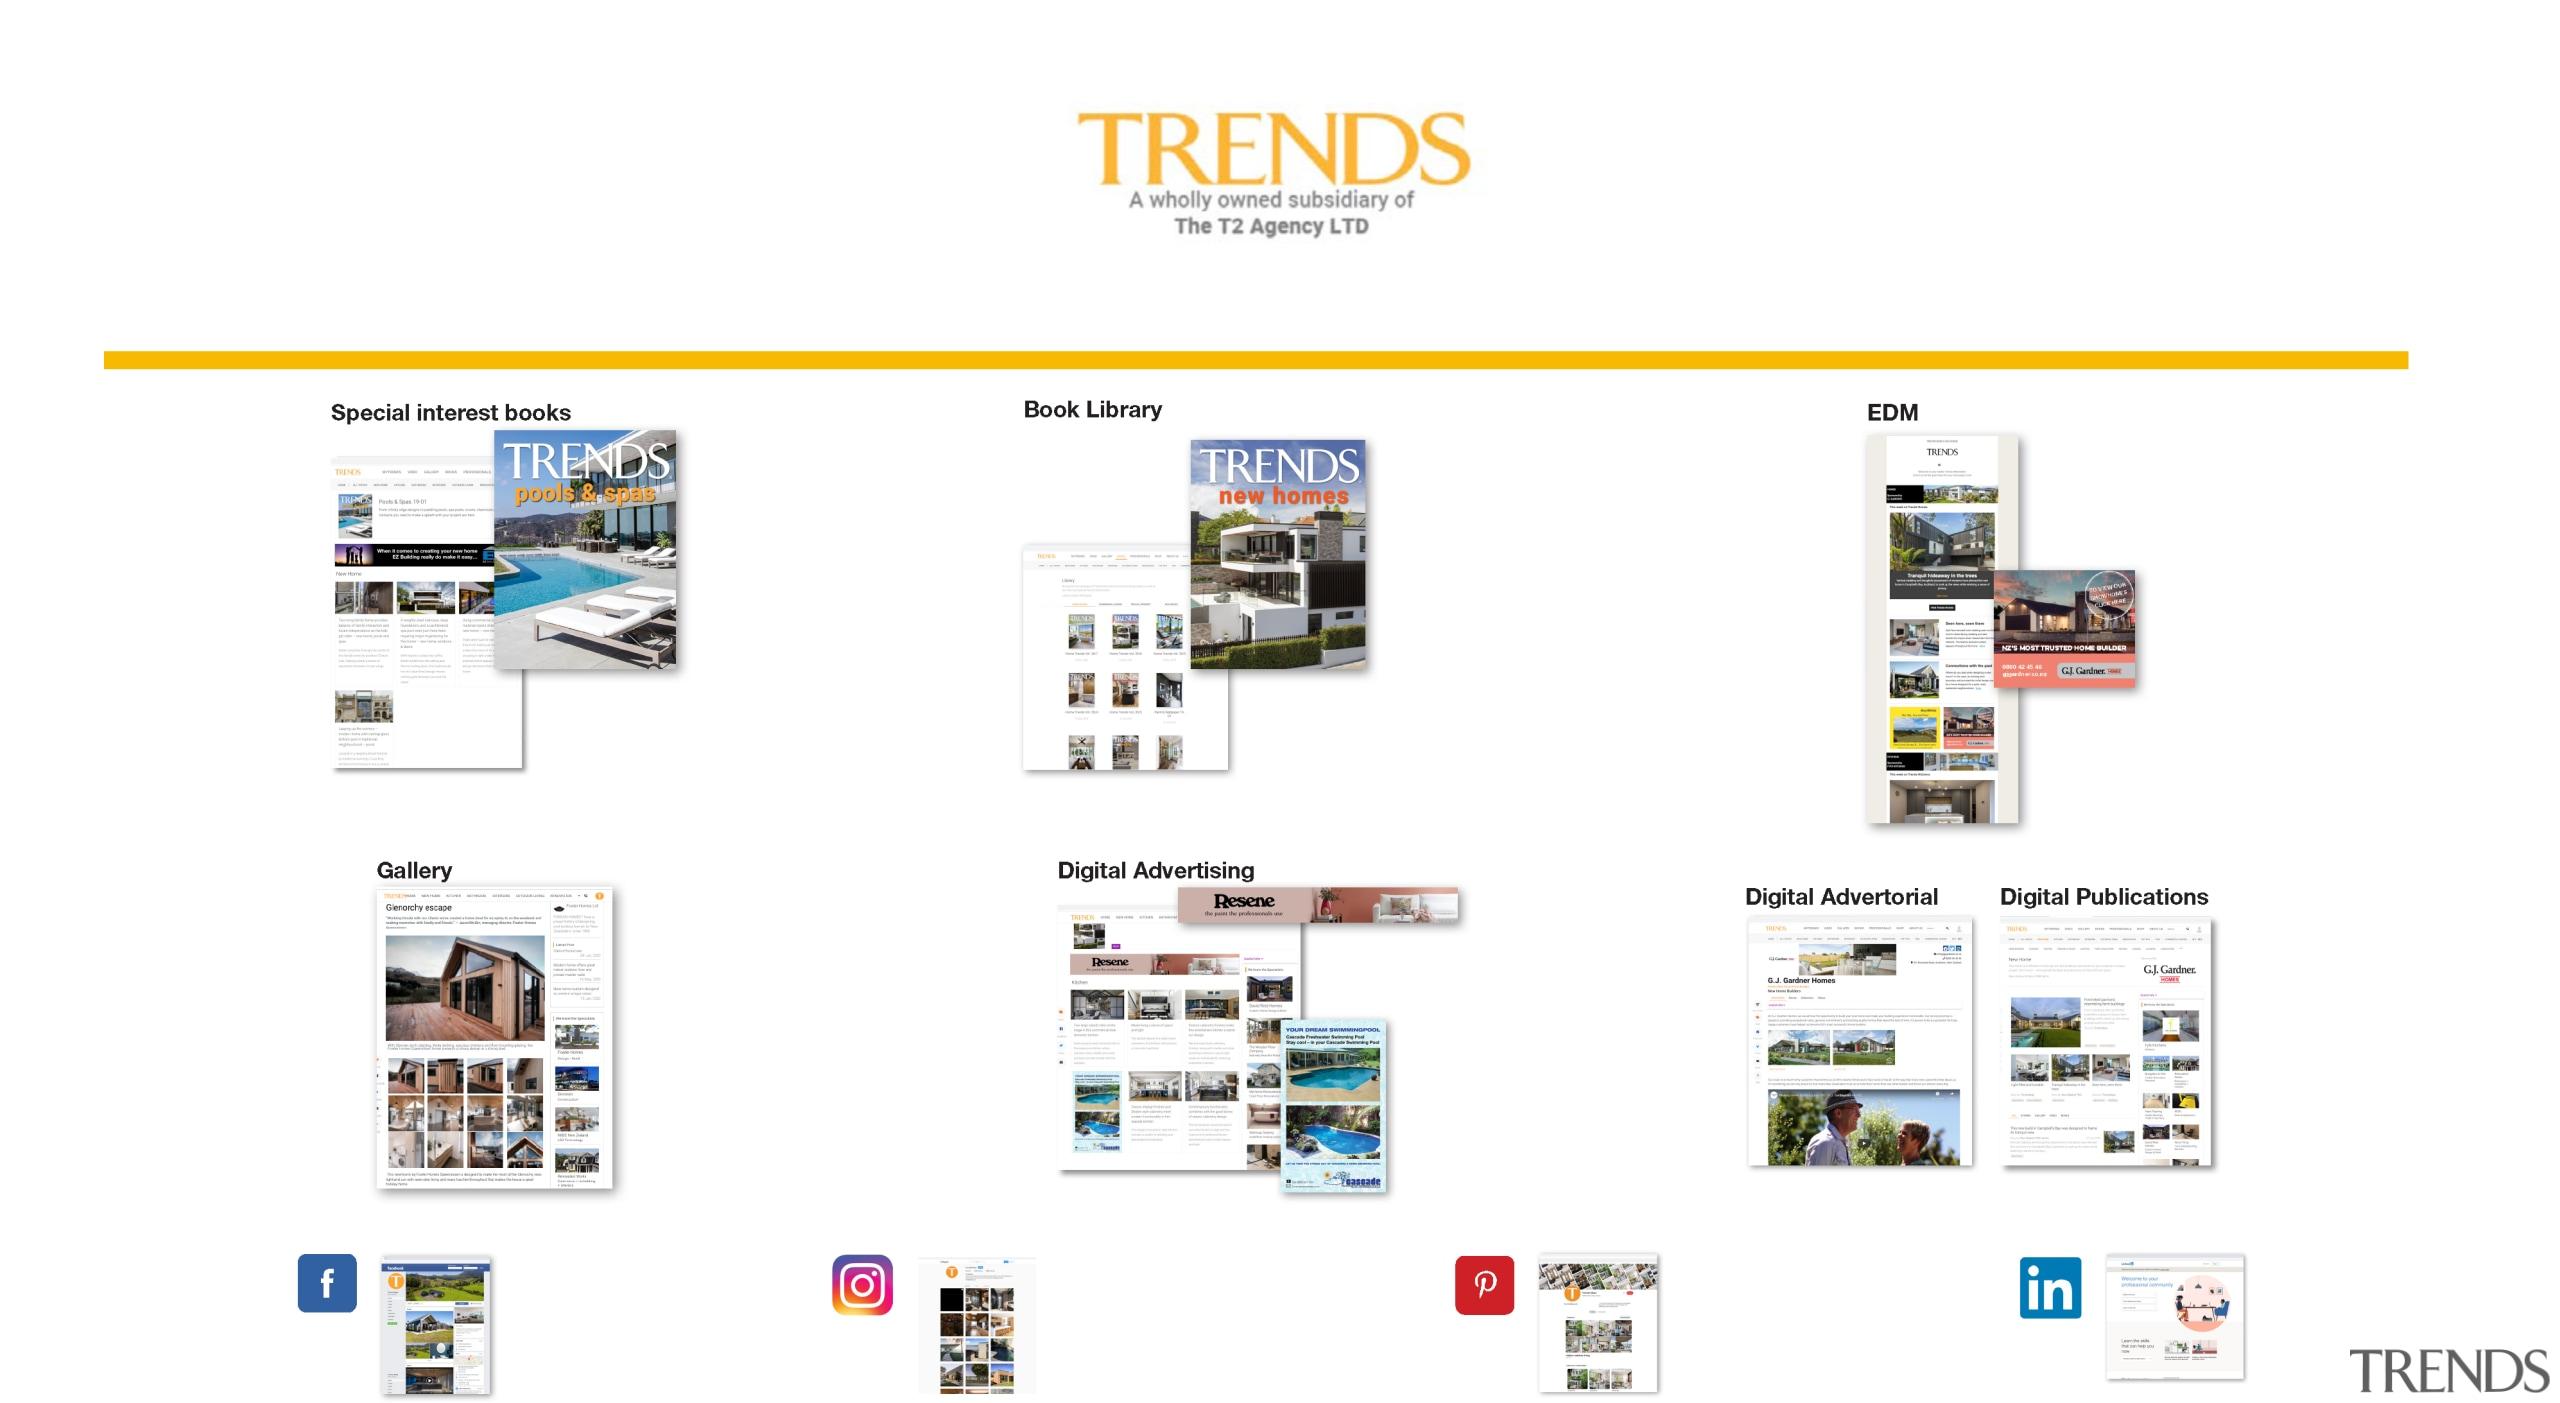 Digital Advertorial and online book package